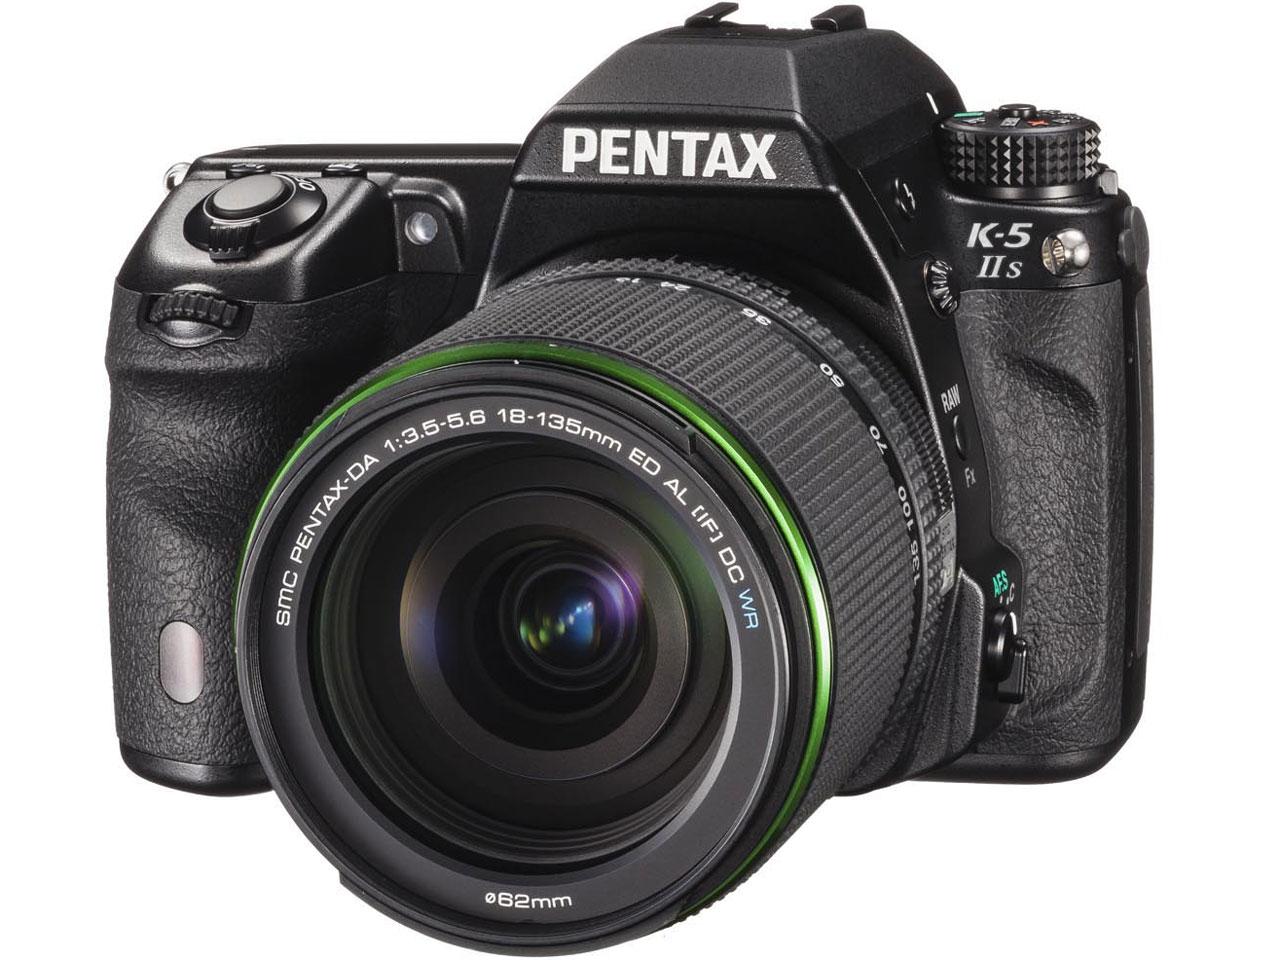 PENTAX K-5 II s ボディ の製品画像